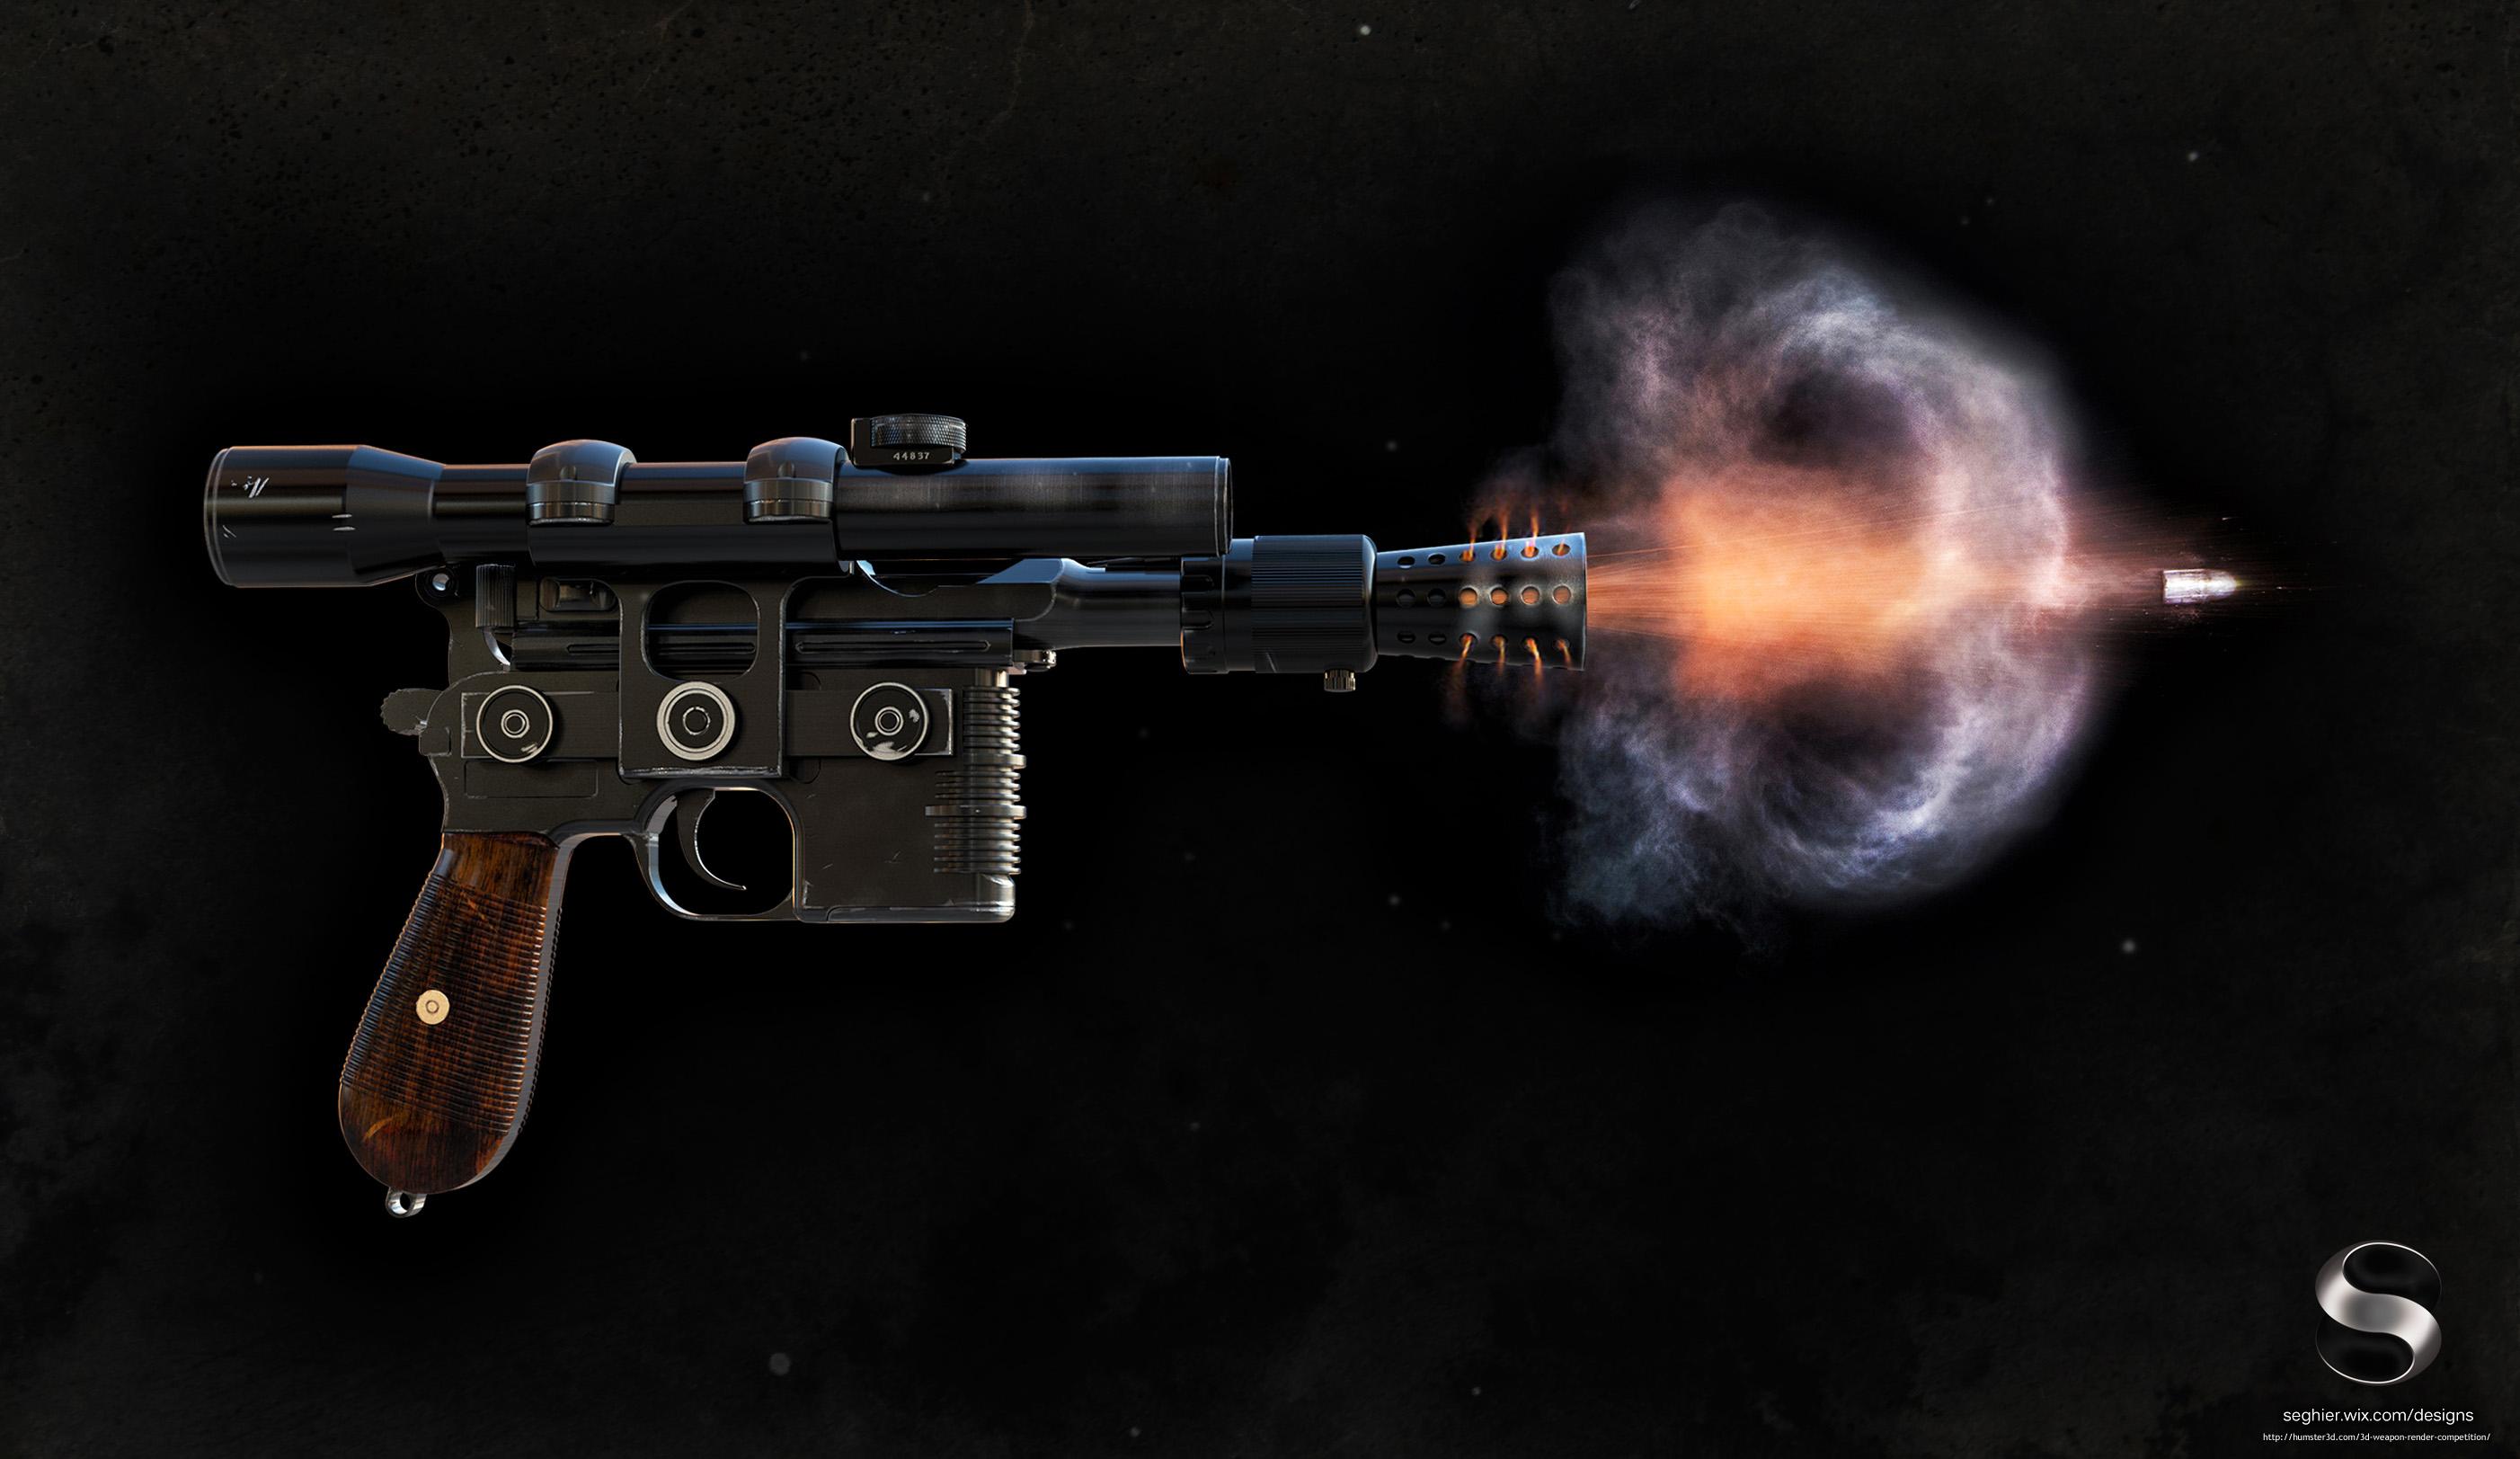 Han Solos DL-44 Blaster